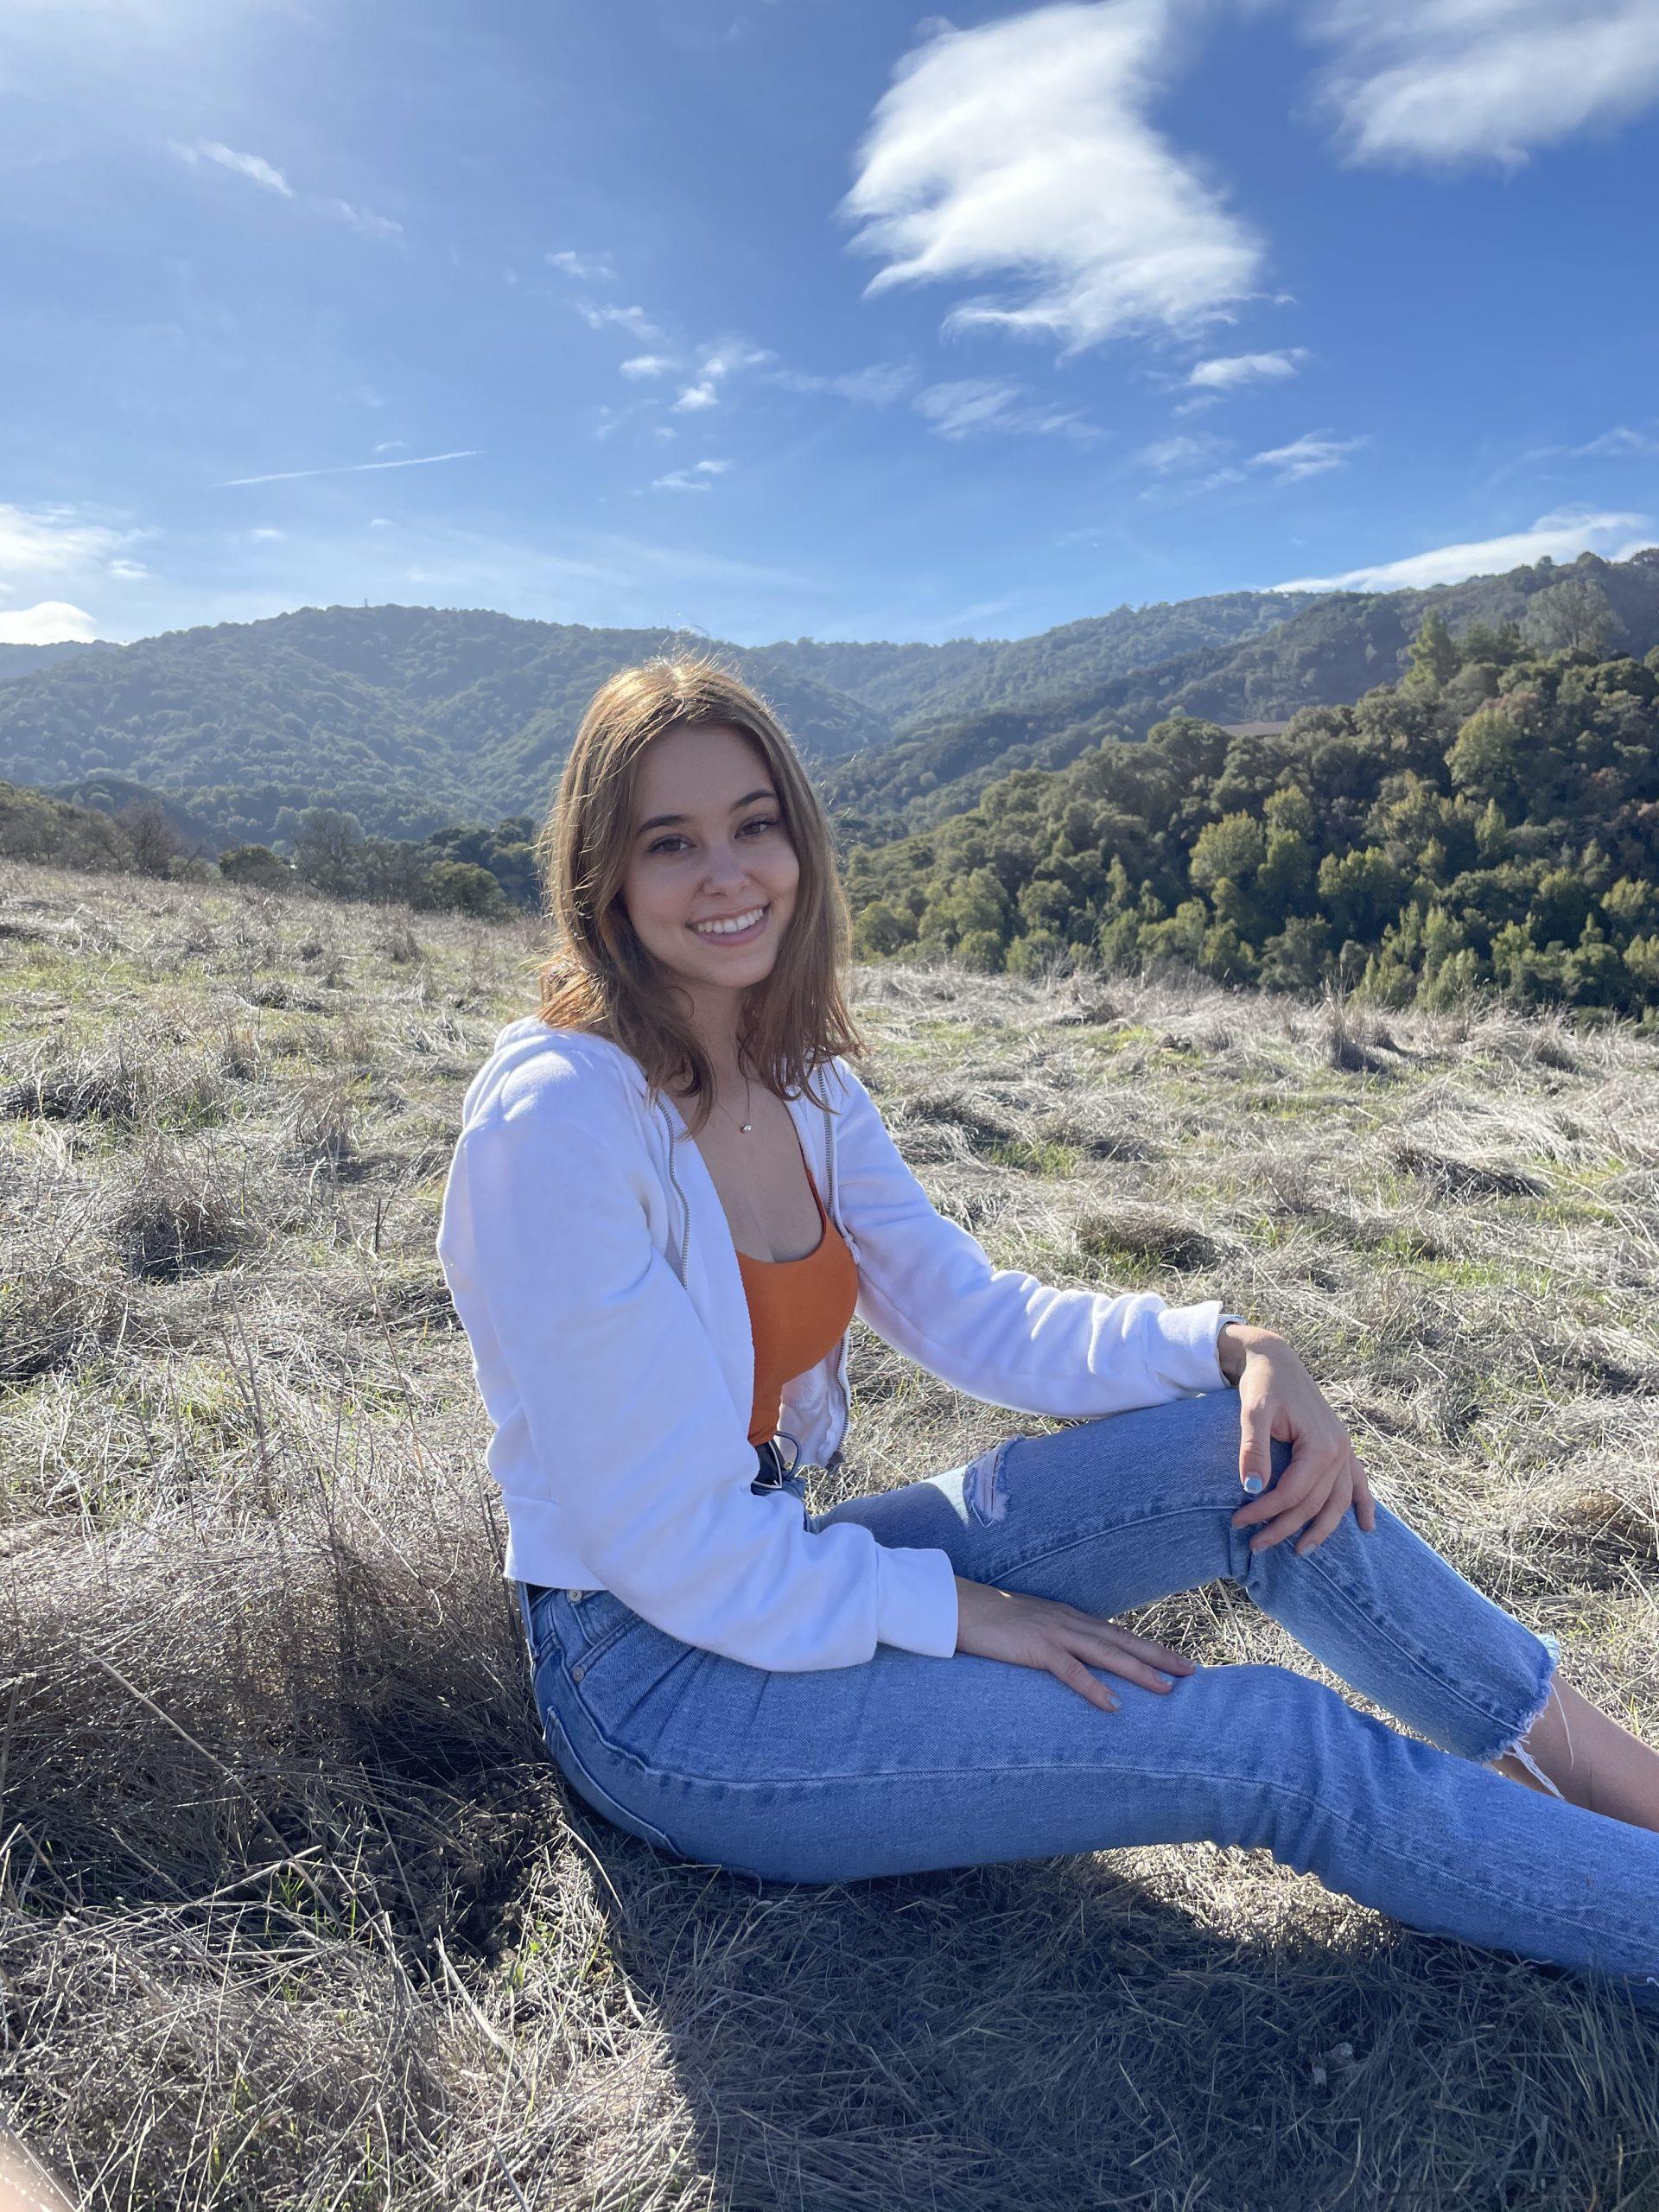 Lauren Bean